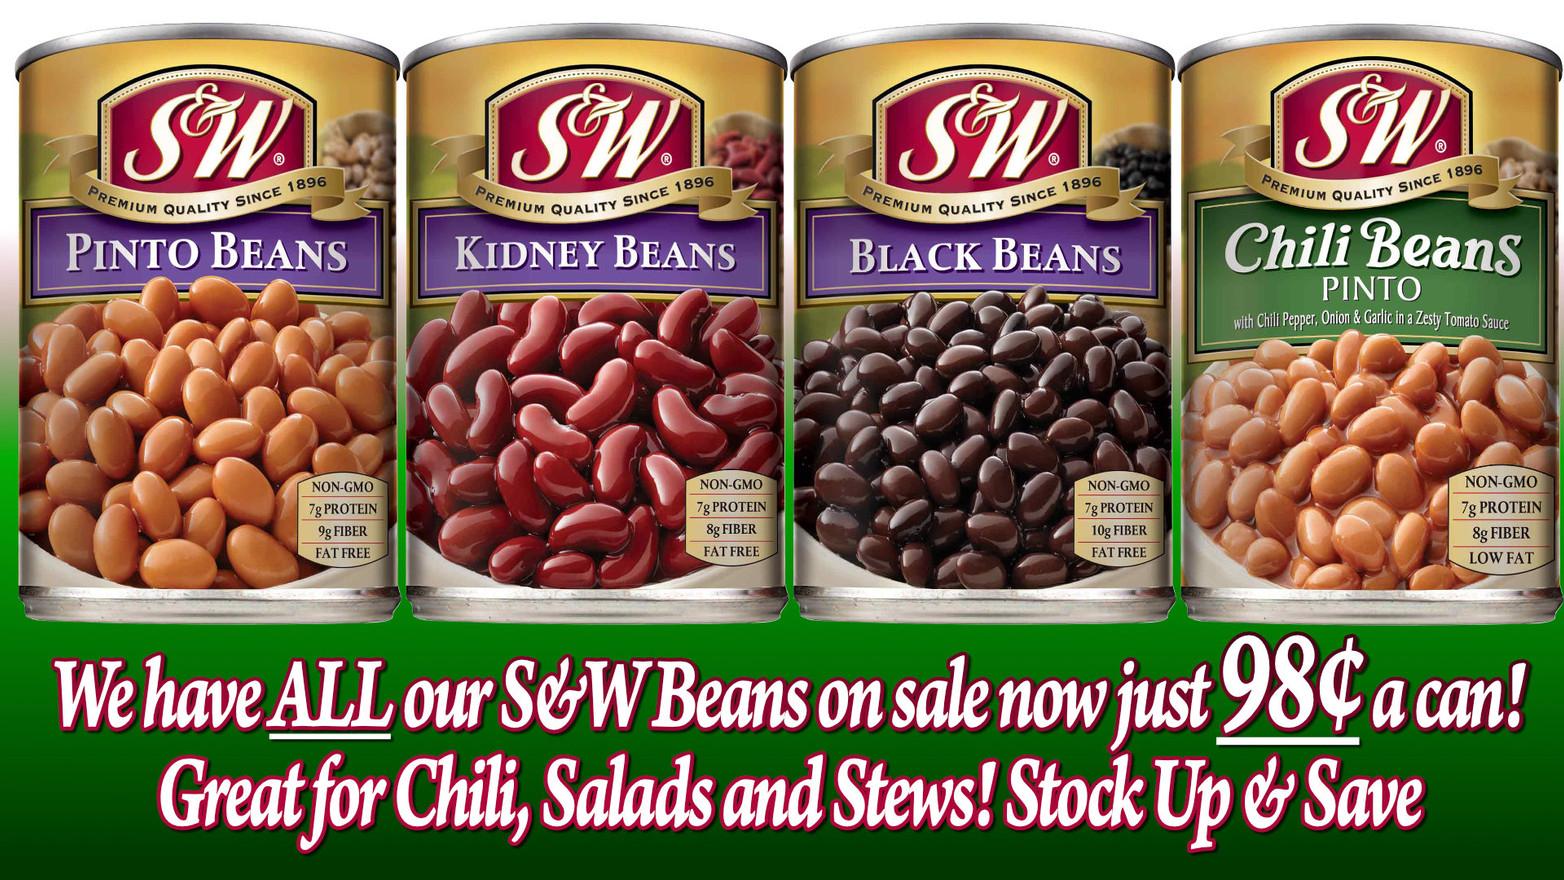 S&W beans sale.jpg